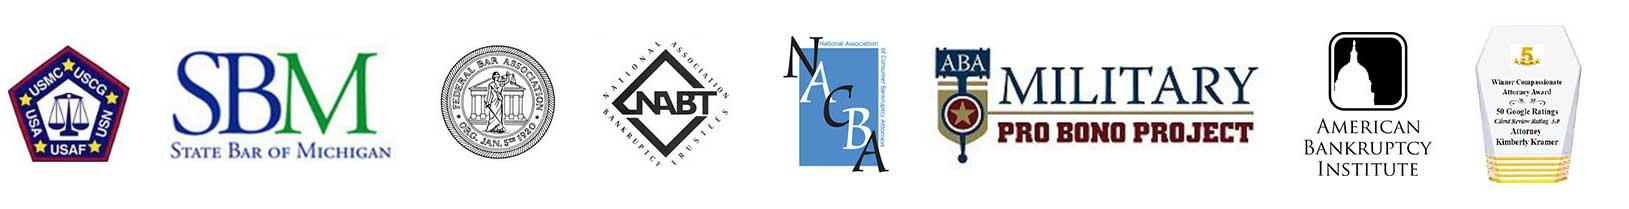 bar association logos